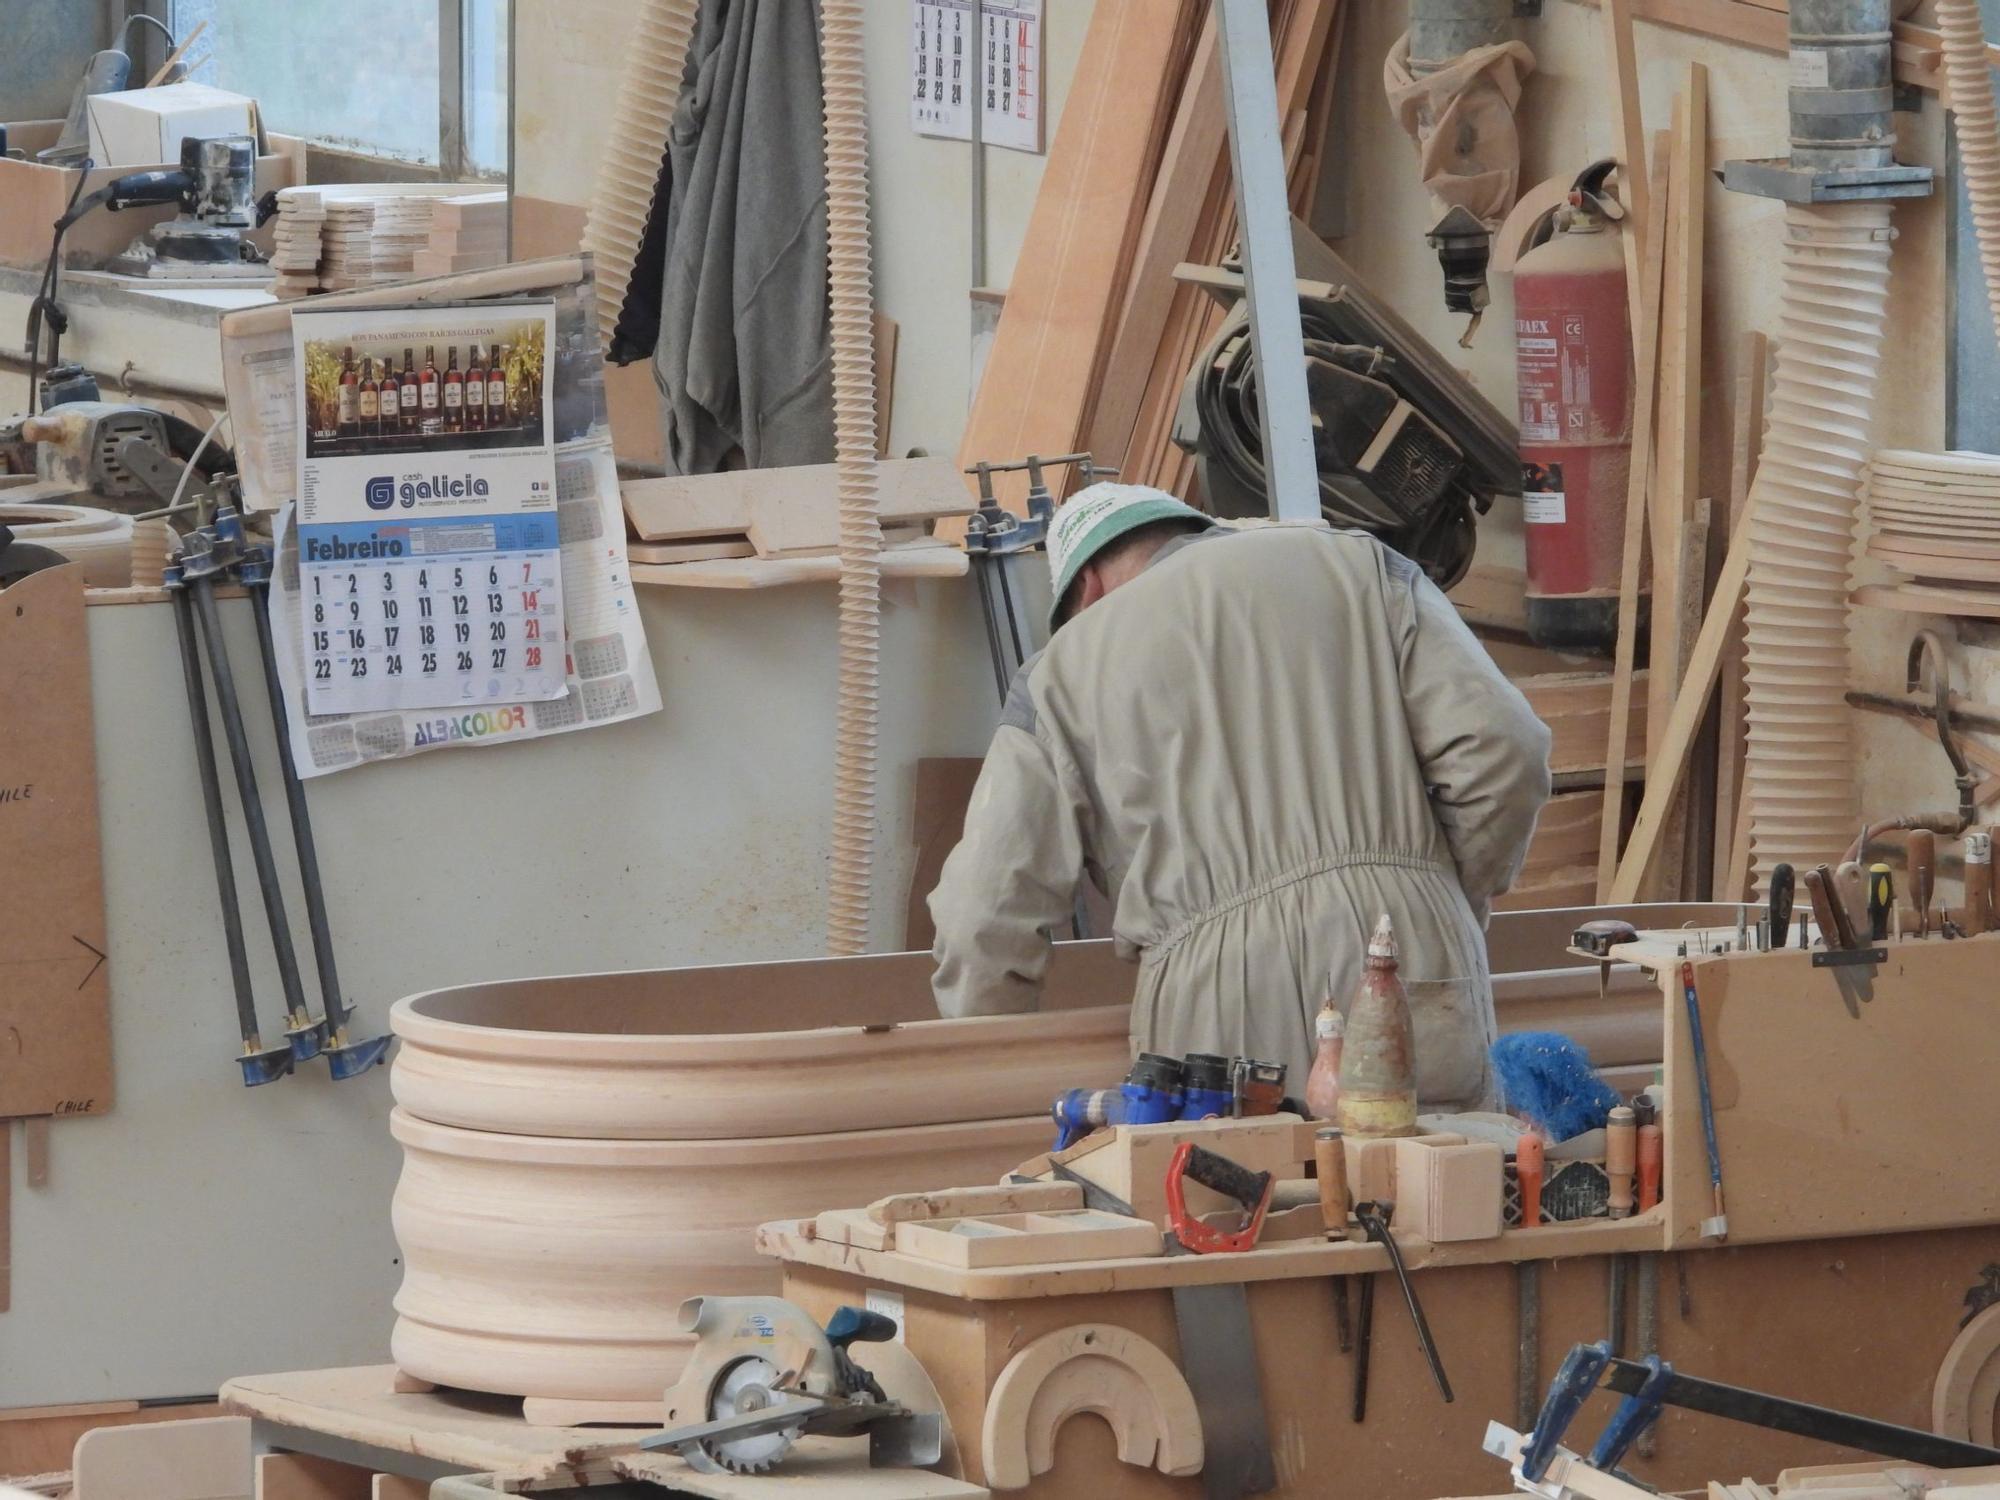 La industria del ataúd crece en Ourense